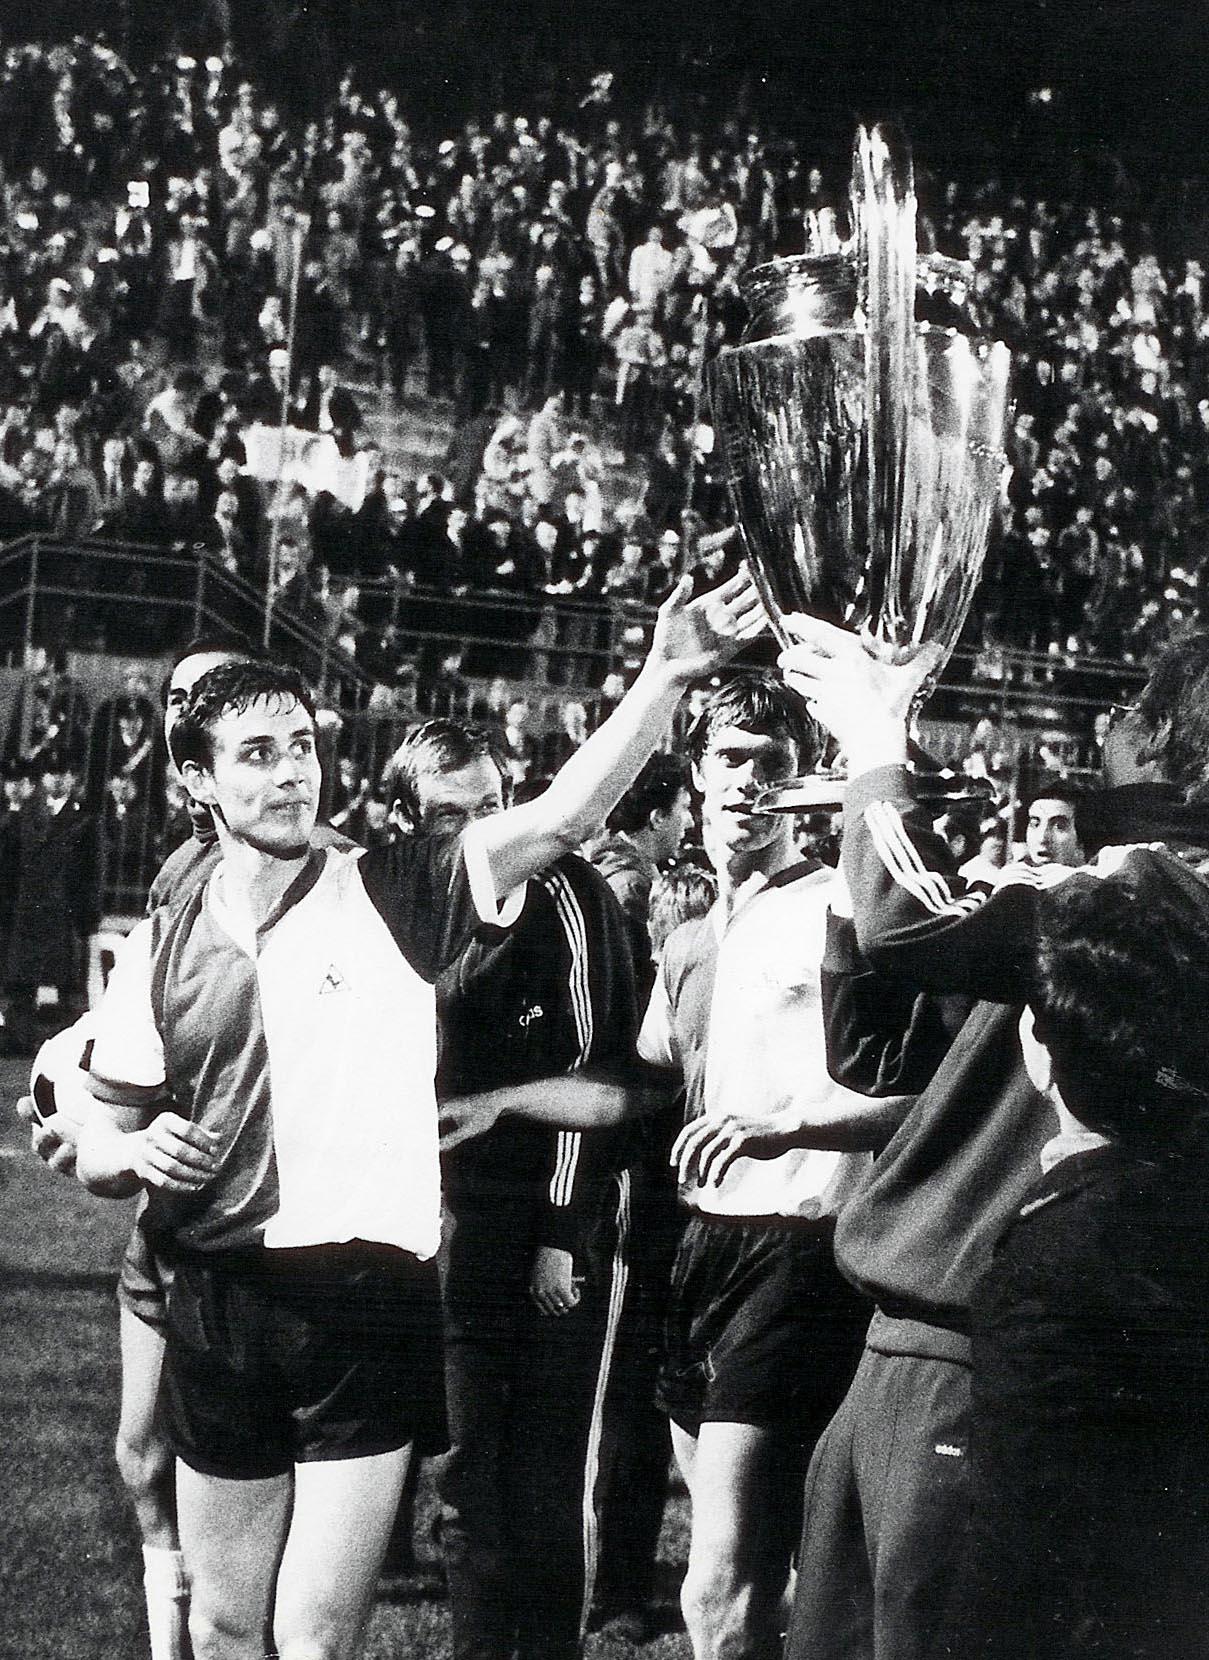 6 mei 1970, Ove Kindvall met de Europa Cup 1 in het San Siro te Milaan